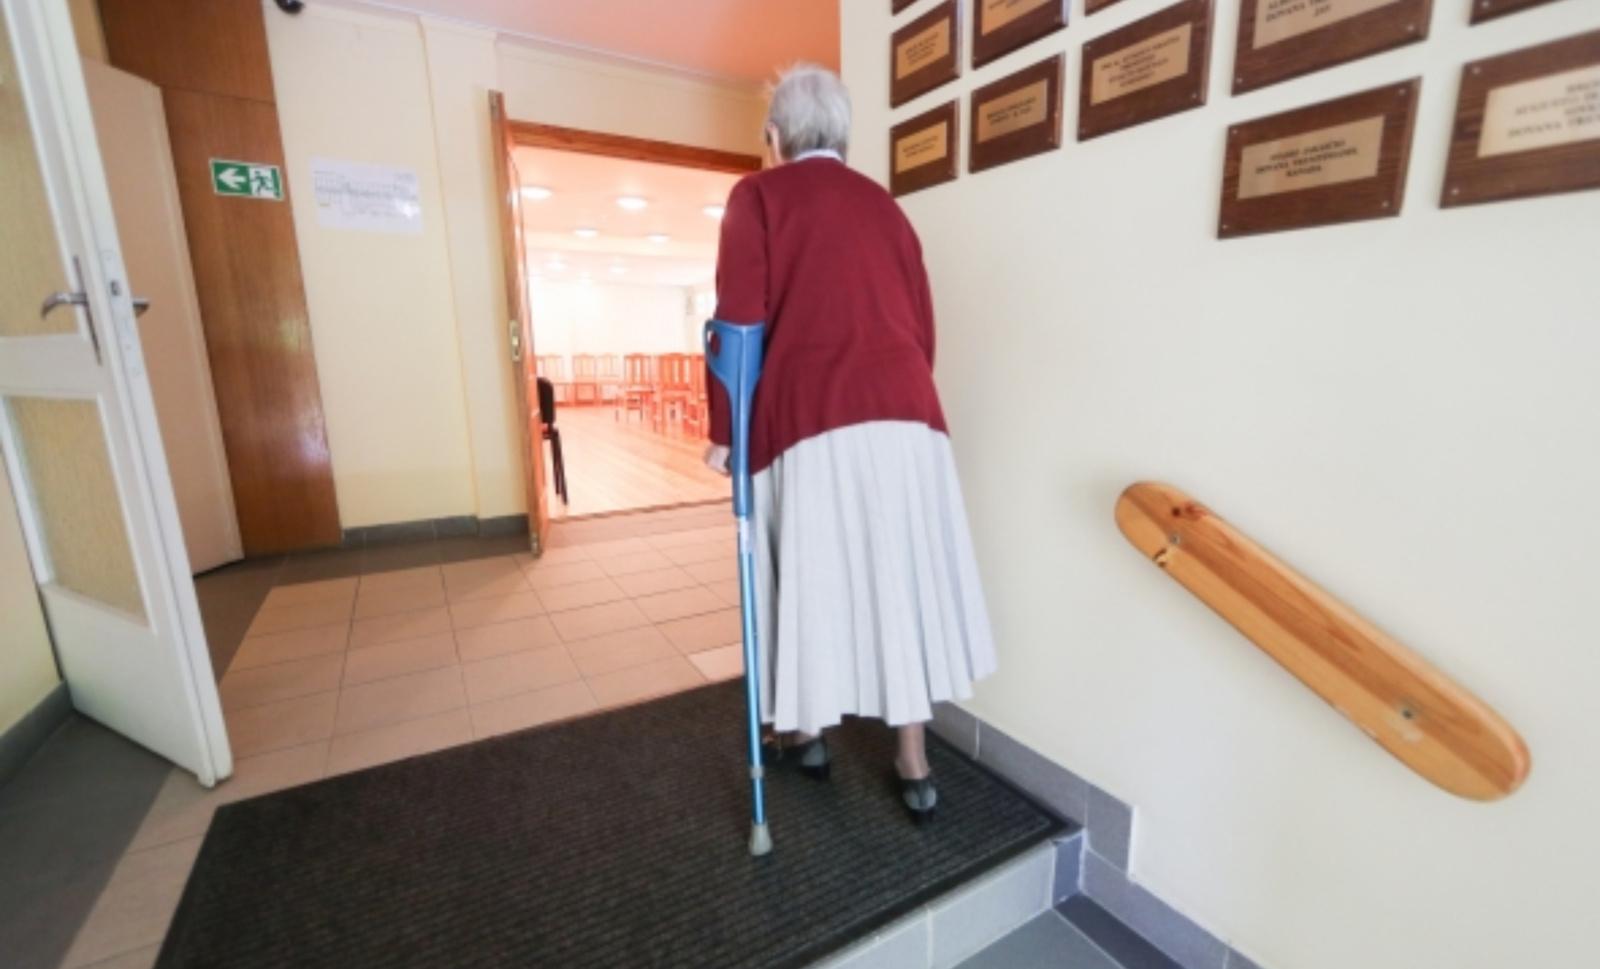 Vyriausybė siūlo griežtinti senelių namų ir kitų globos įstaigų kontrolę